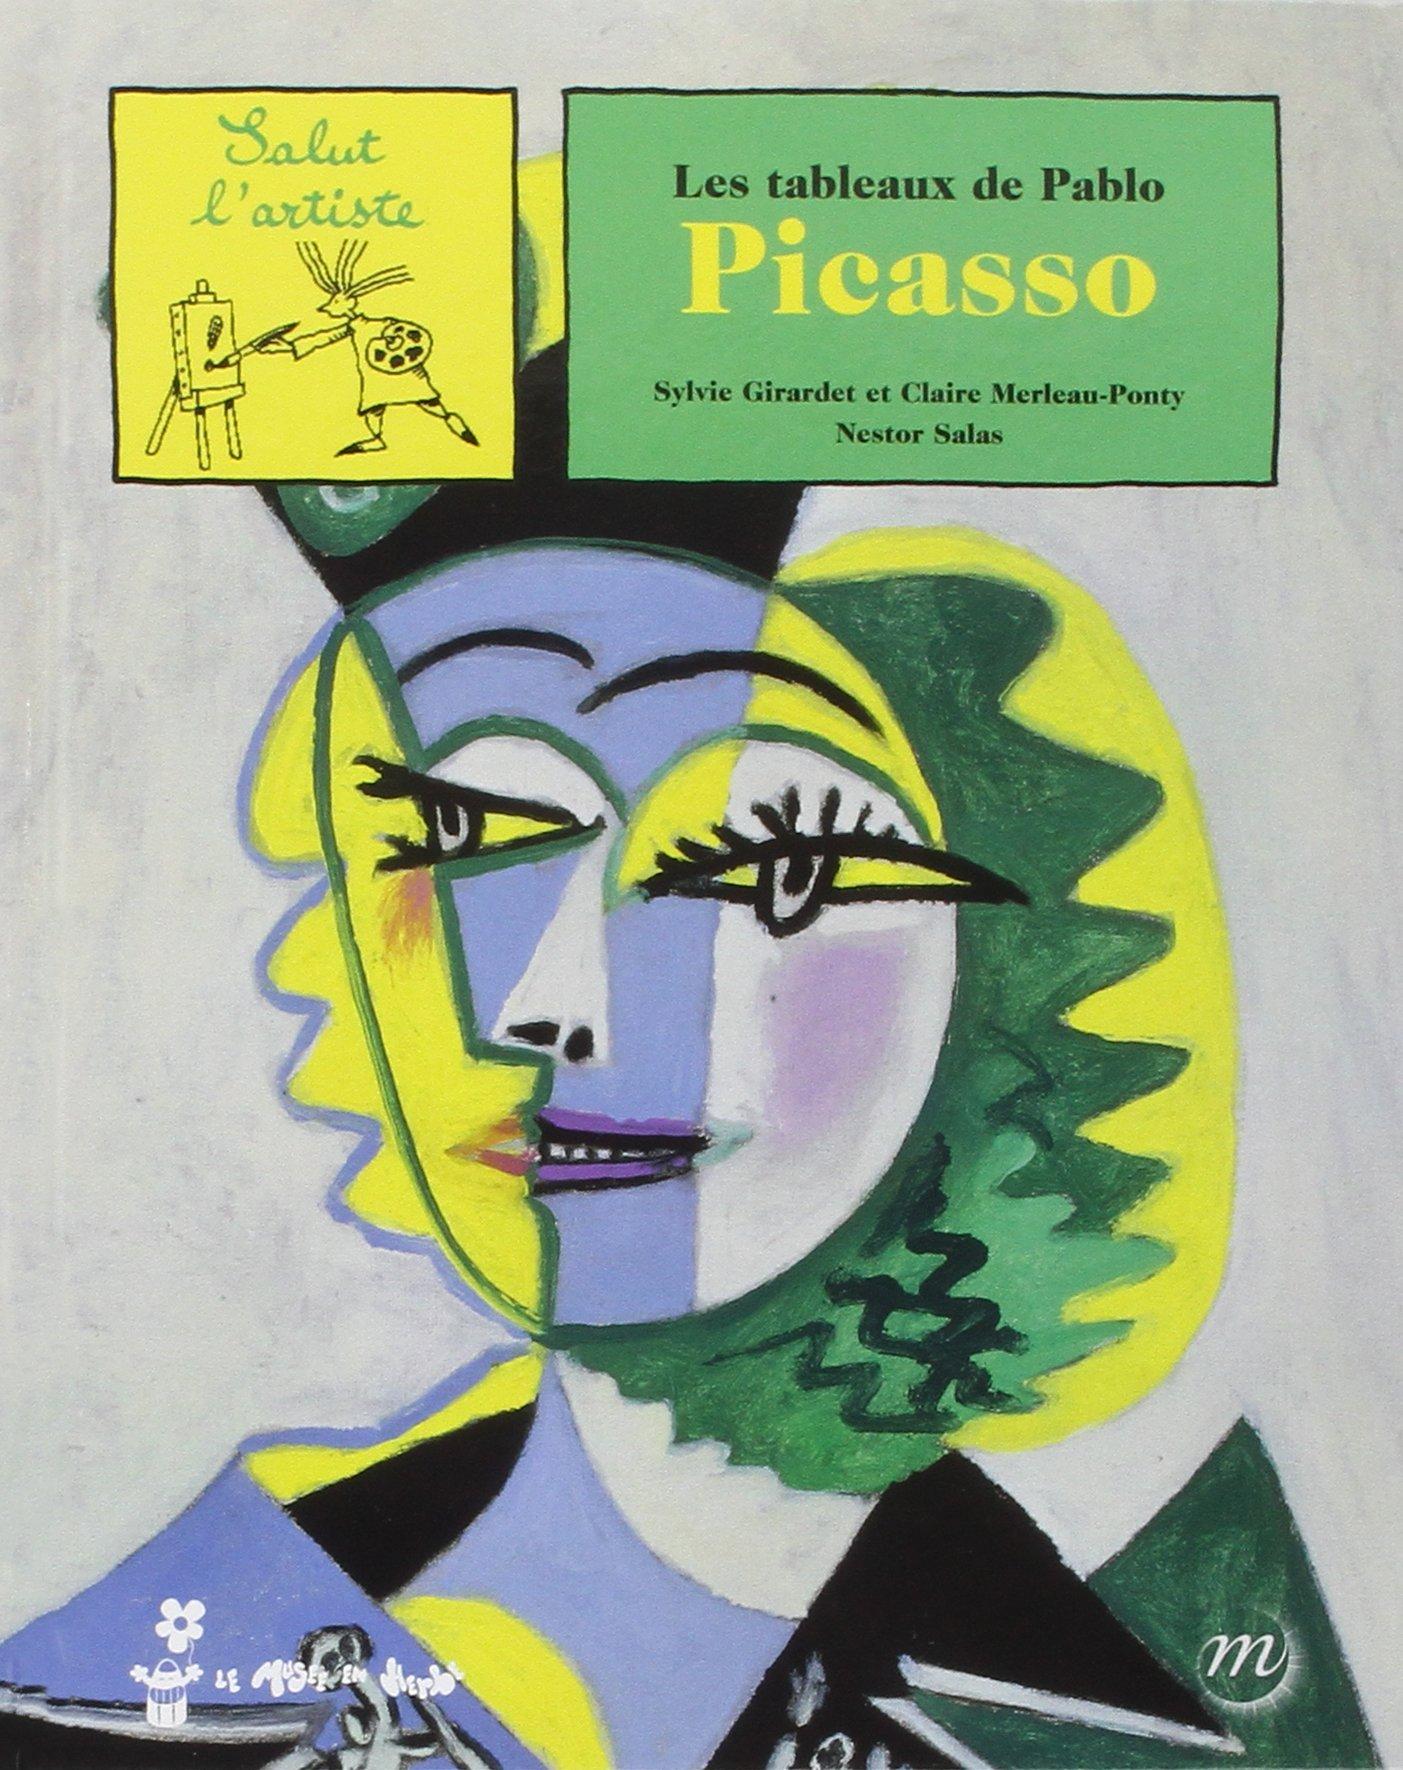 Les Tableaux De Pablo Picasso Amazon Fr Girardet Sylvie Merleau Ponty Claire Salas Nestor Livres